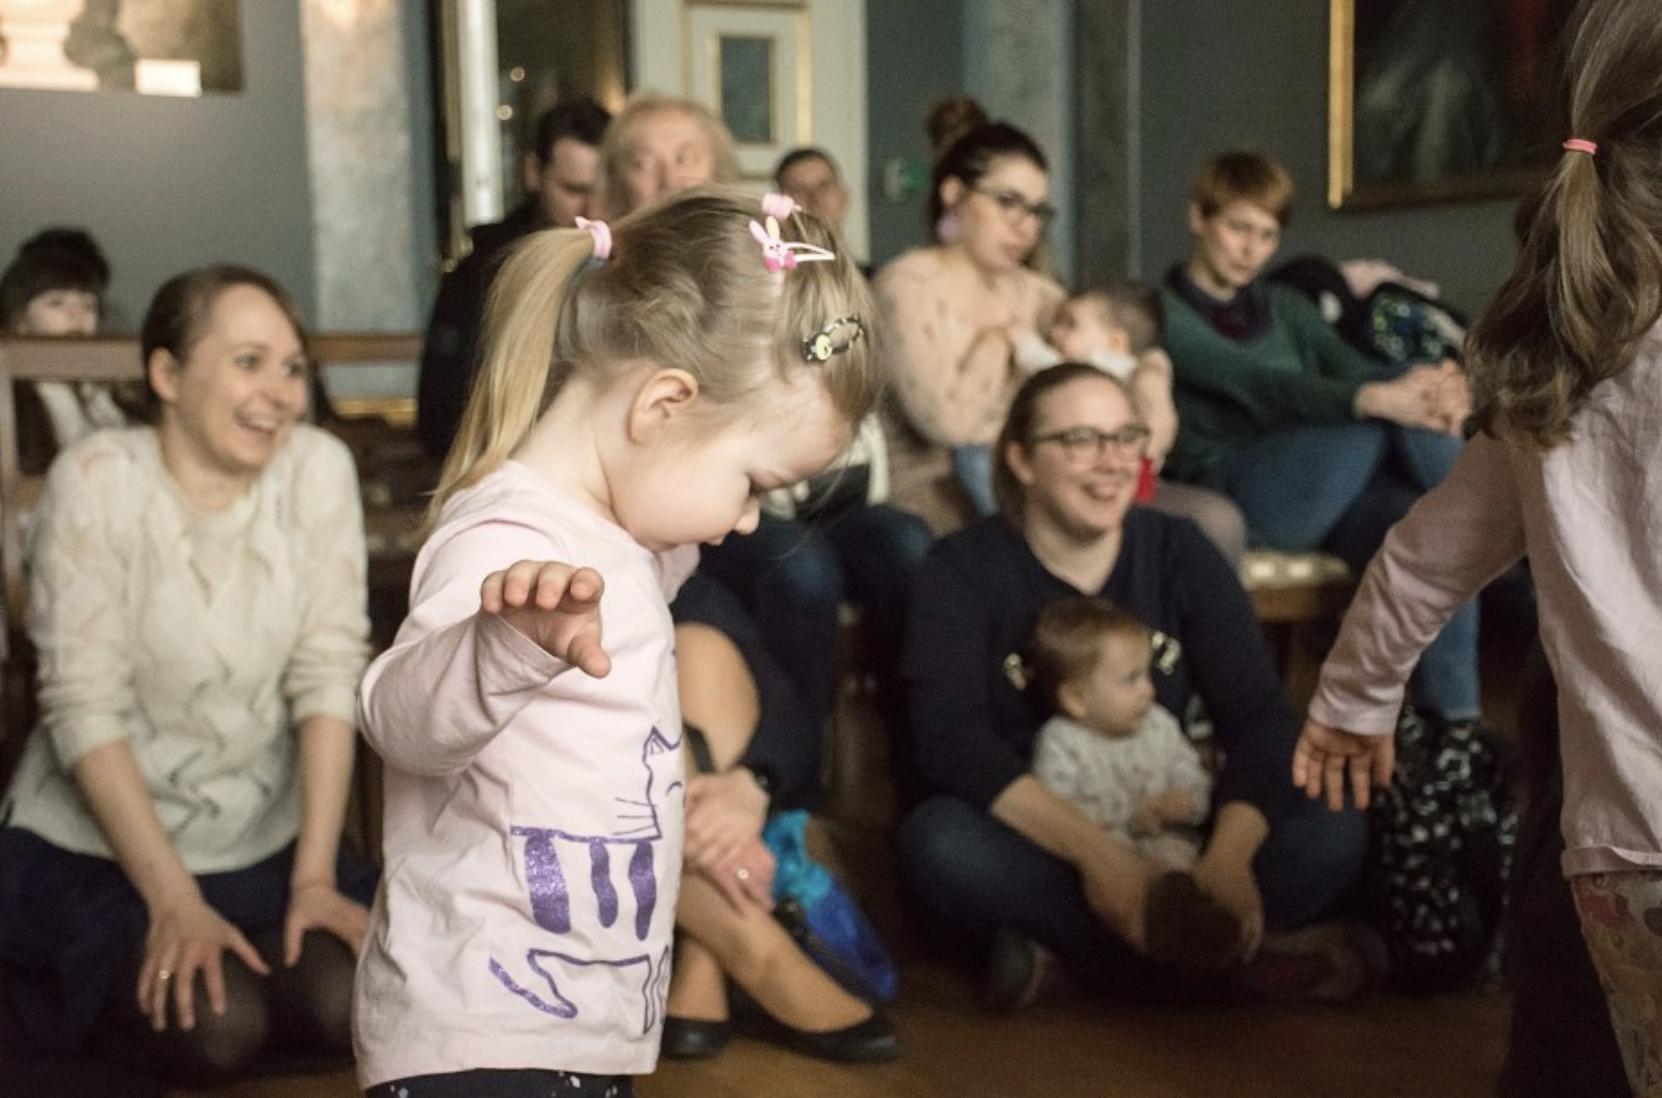 Dzień Dziecka Wrocłąw 2019 w Muzeum Pana Tadeusza